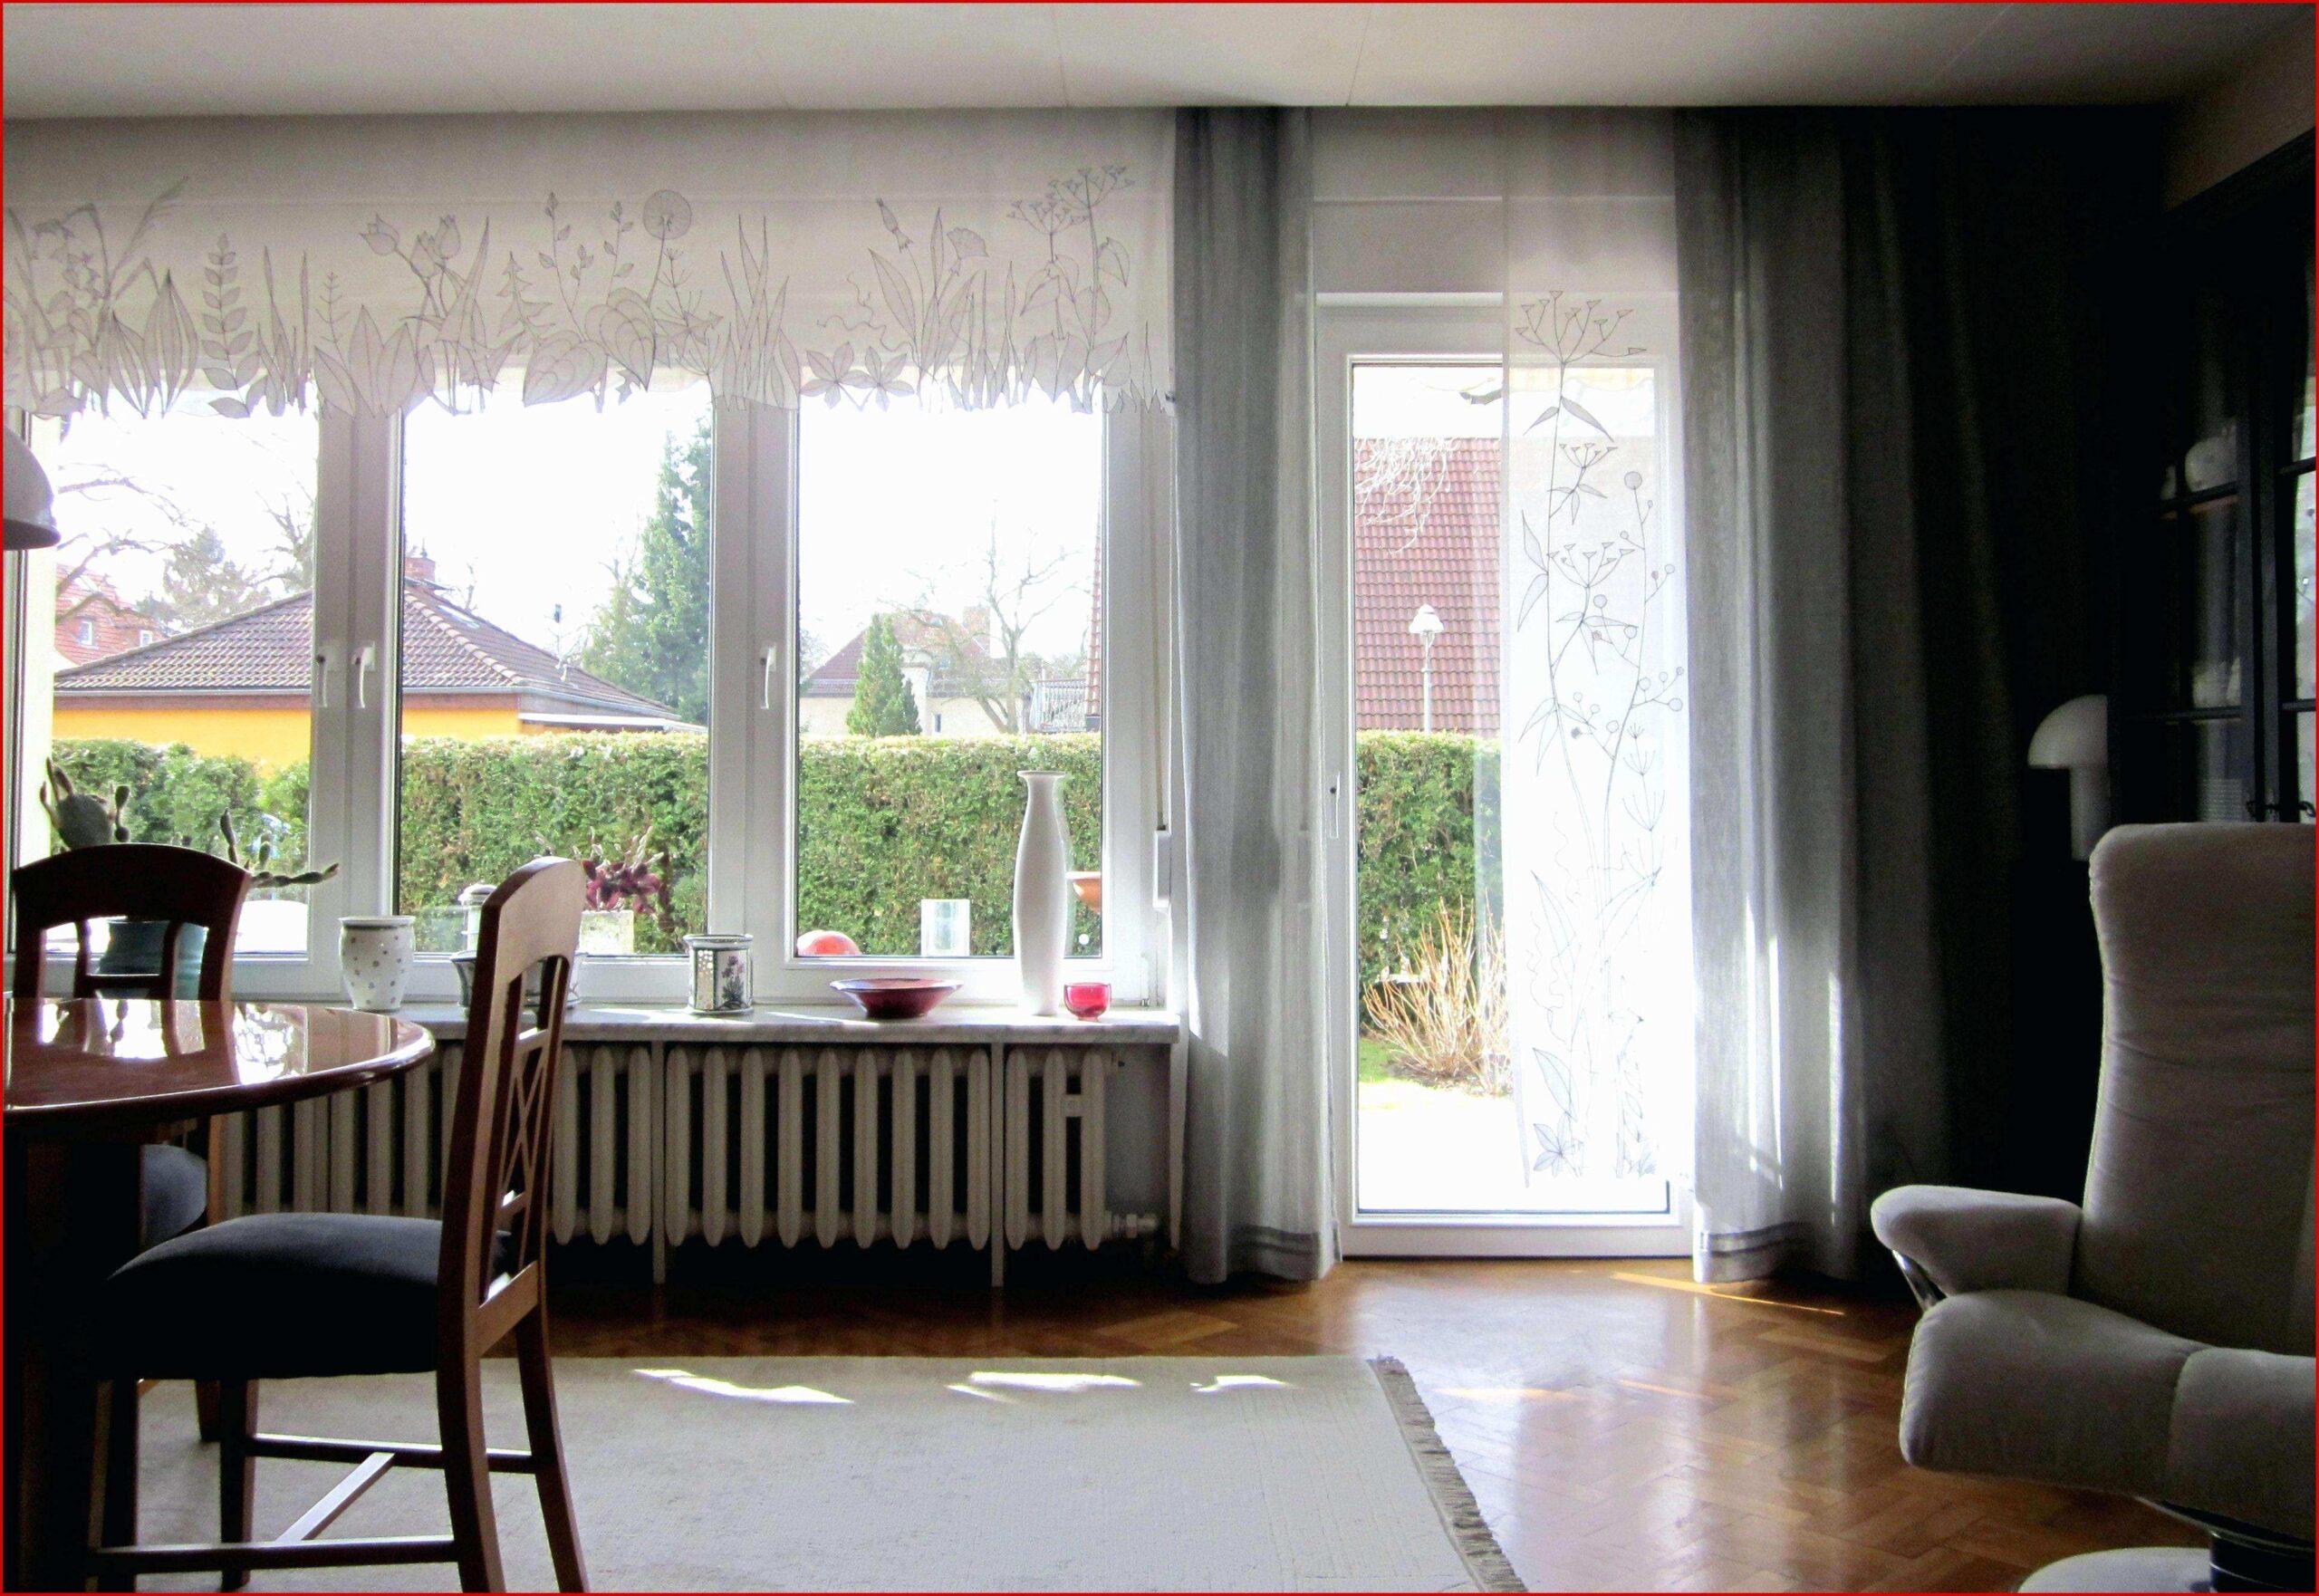 Full Size of Moderne Gardinen Fr Wohnzimmer Schn Küche Für Die Gardine Fenster Schlafzimmer Scheibengardinen Wohnzimmer Balkontür Gardine